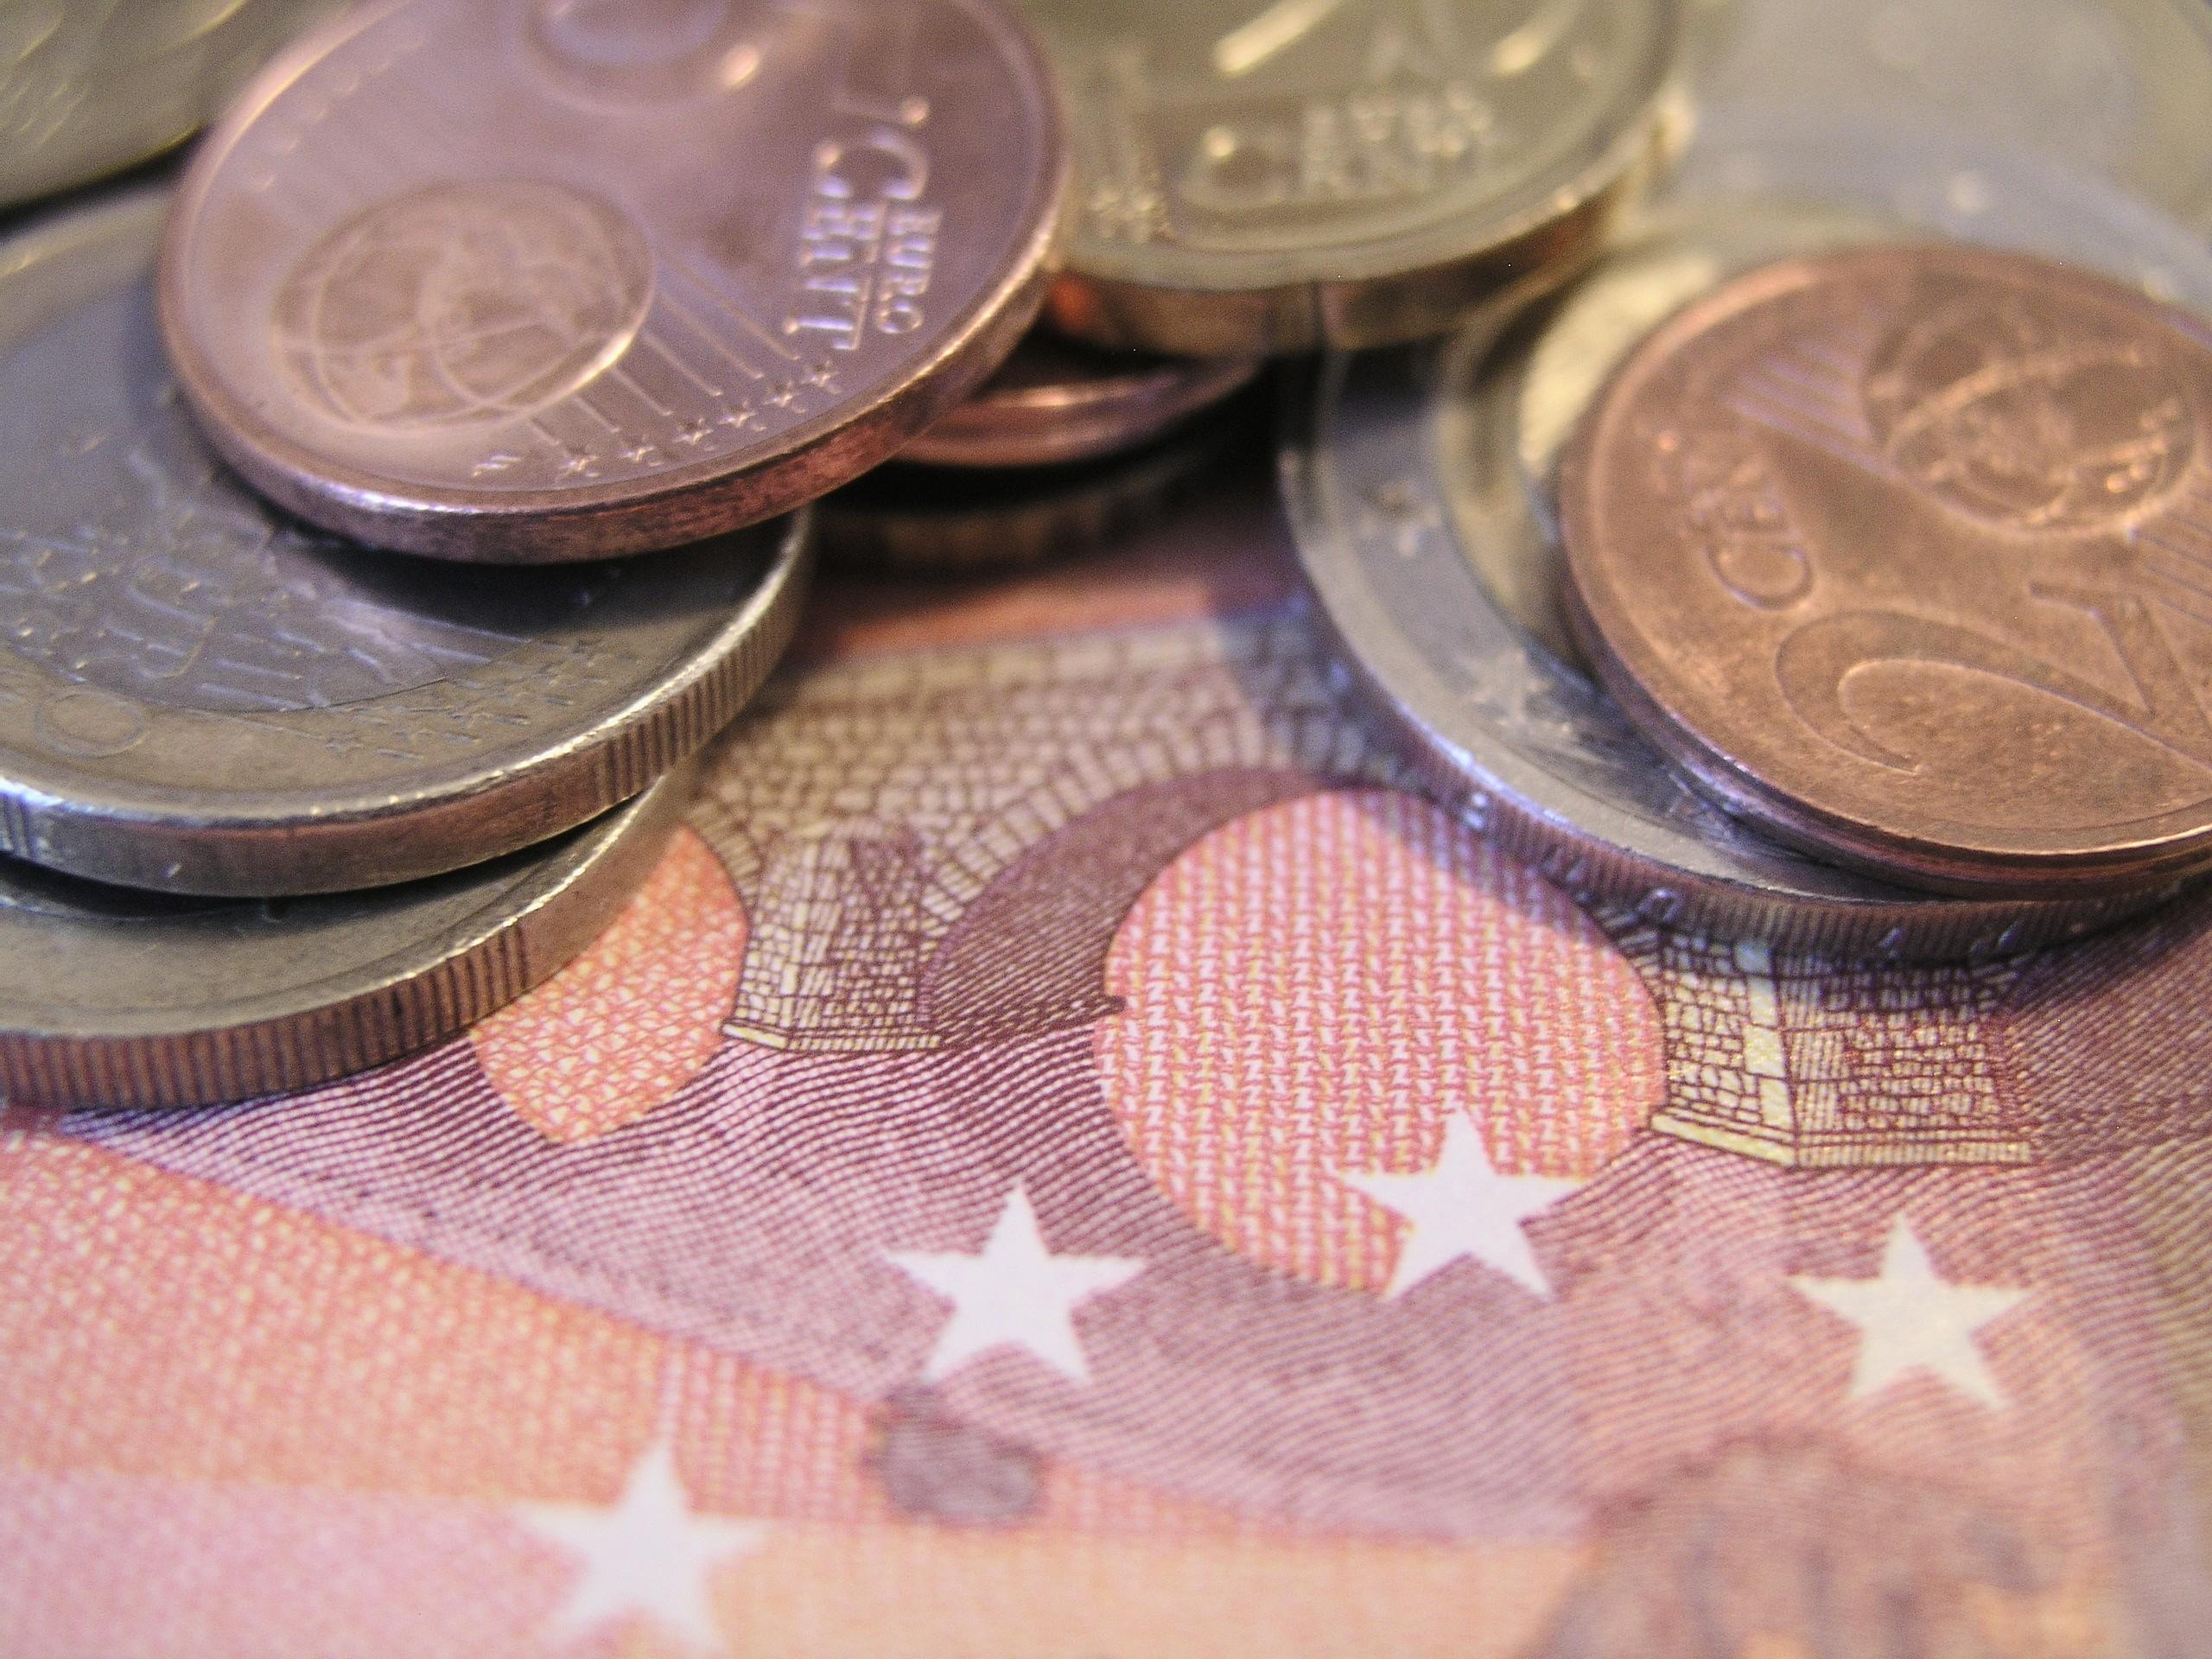 Das Foto zeigt den Ausschnitt eines Geldscheines, auf dem Münzen liegen.